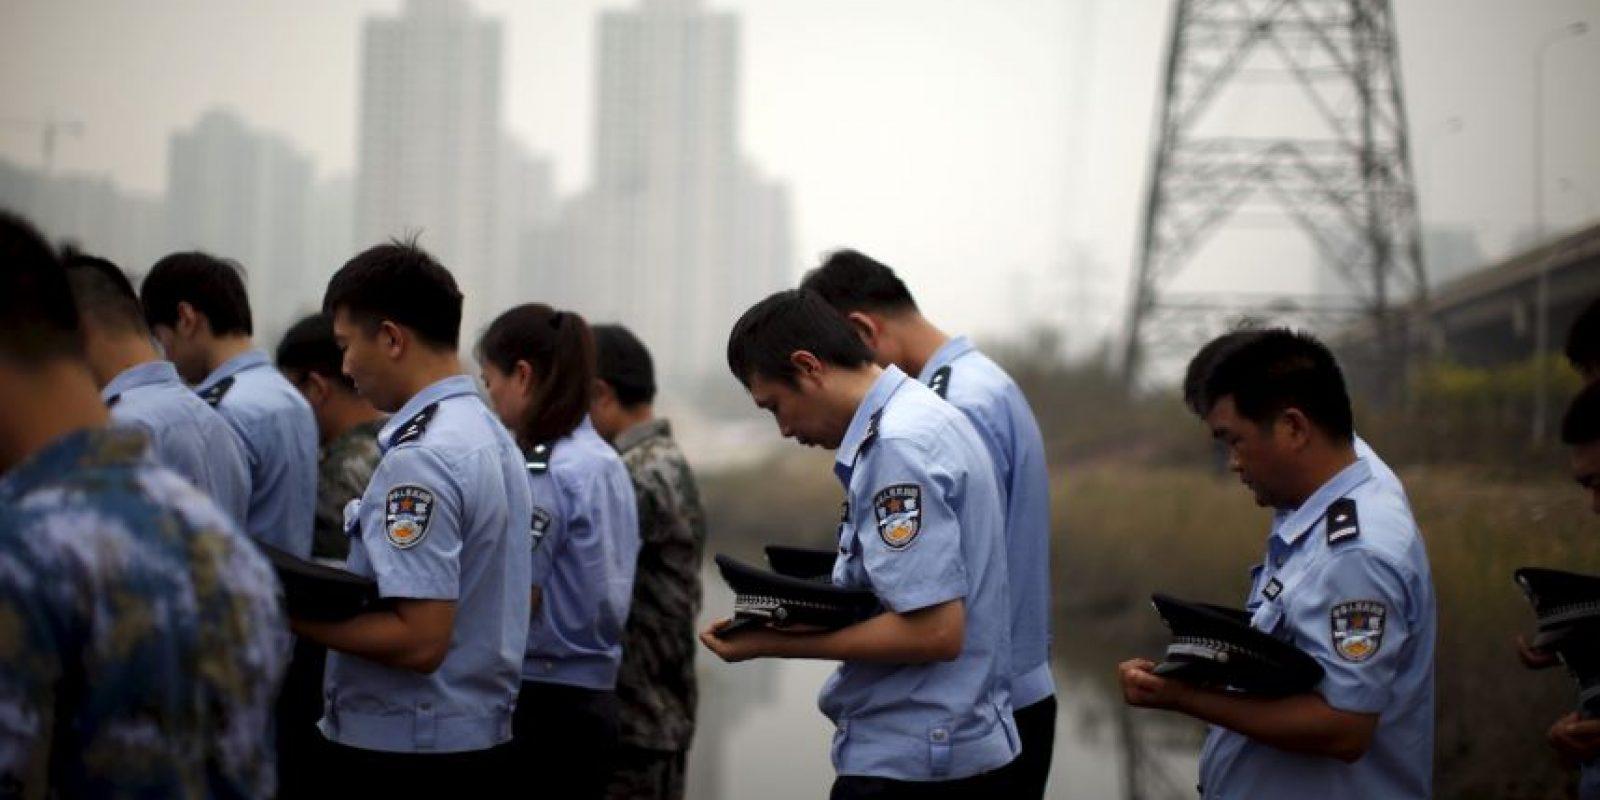 Policías rinden tributo a las víctimas. Foto:AP